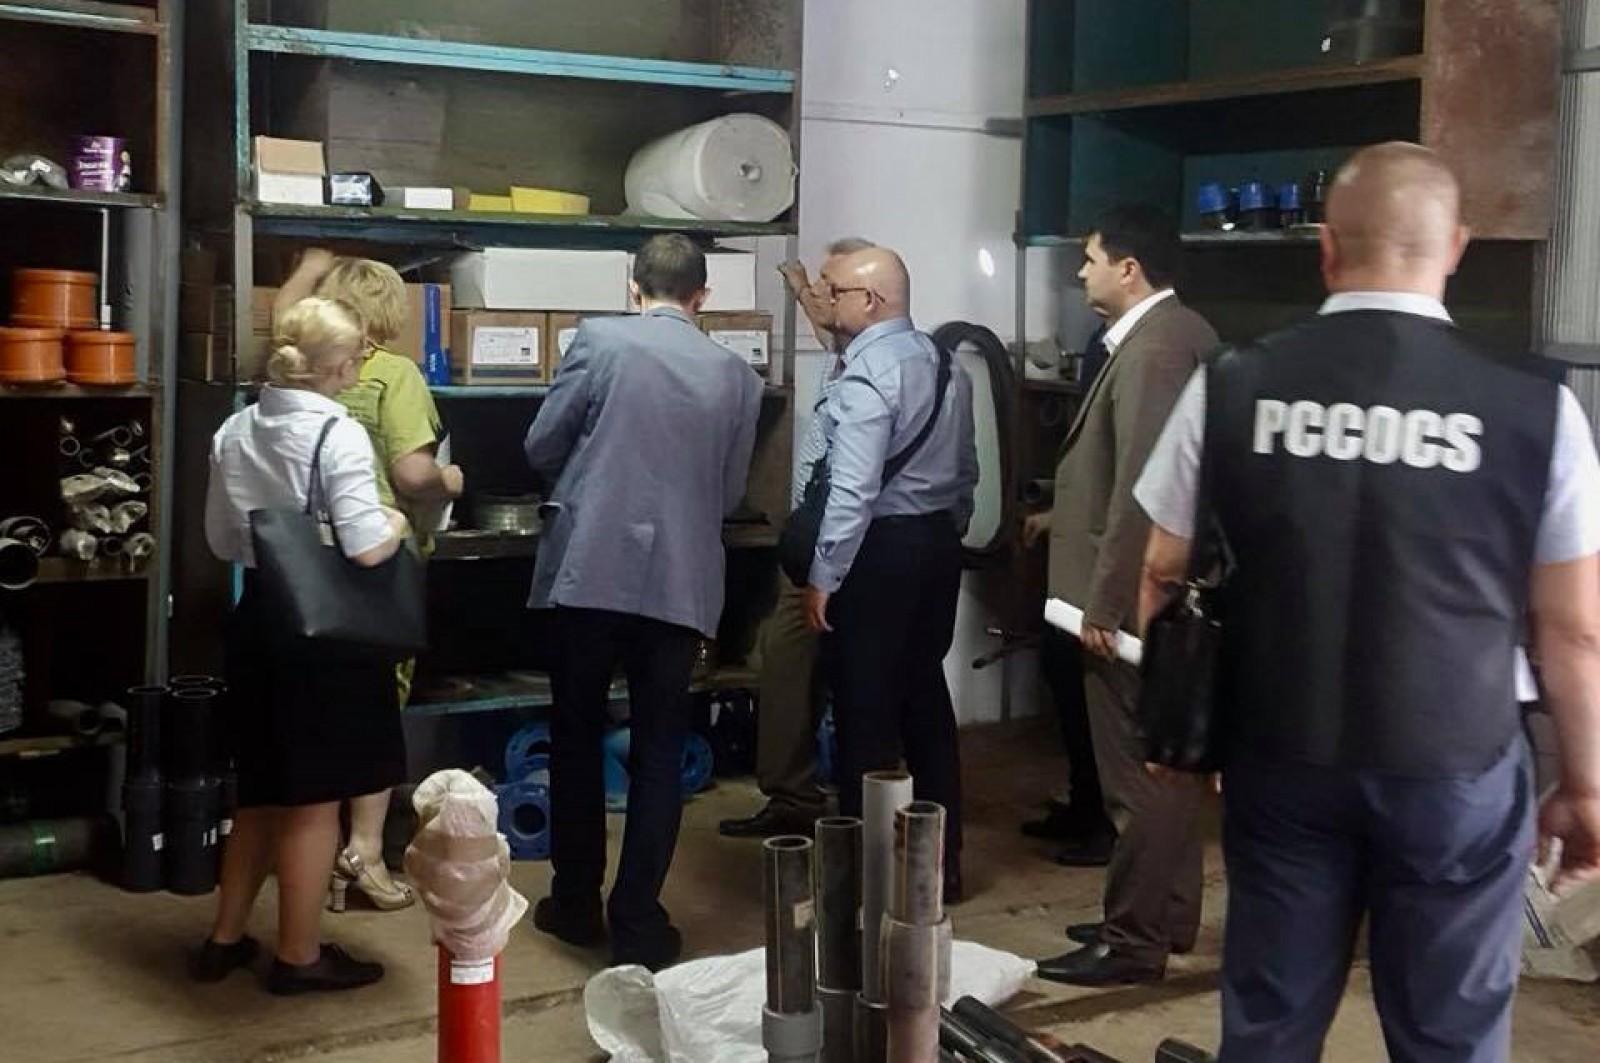 (foto) Trei persoane, printre care și un primar din Găzăuzia, au fost reținute: Delapidarea în cazul unui proiect local de construcție a sistemului de canalizare